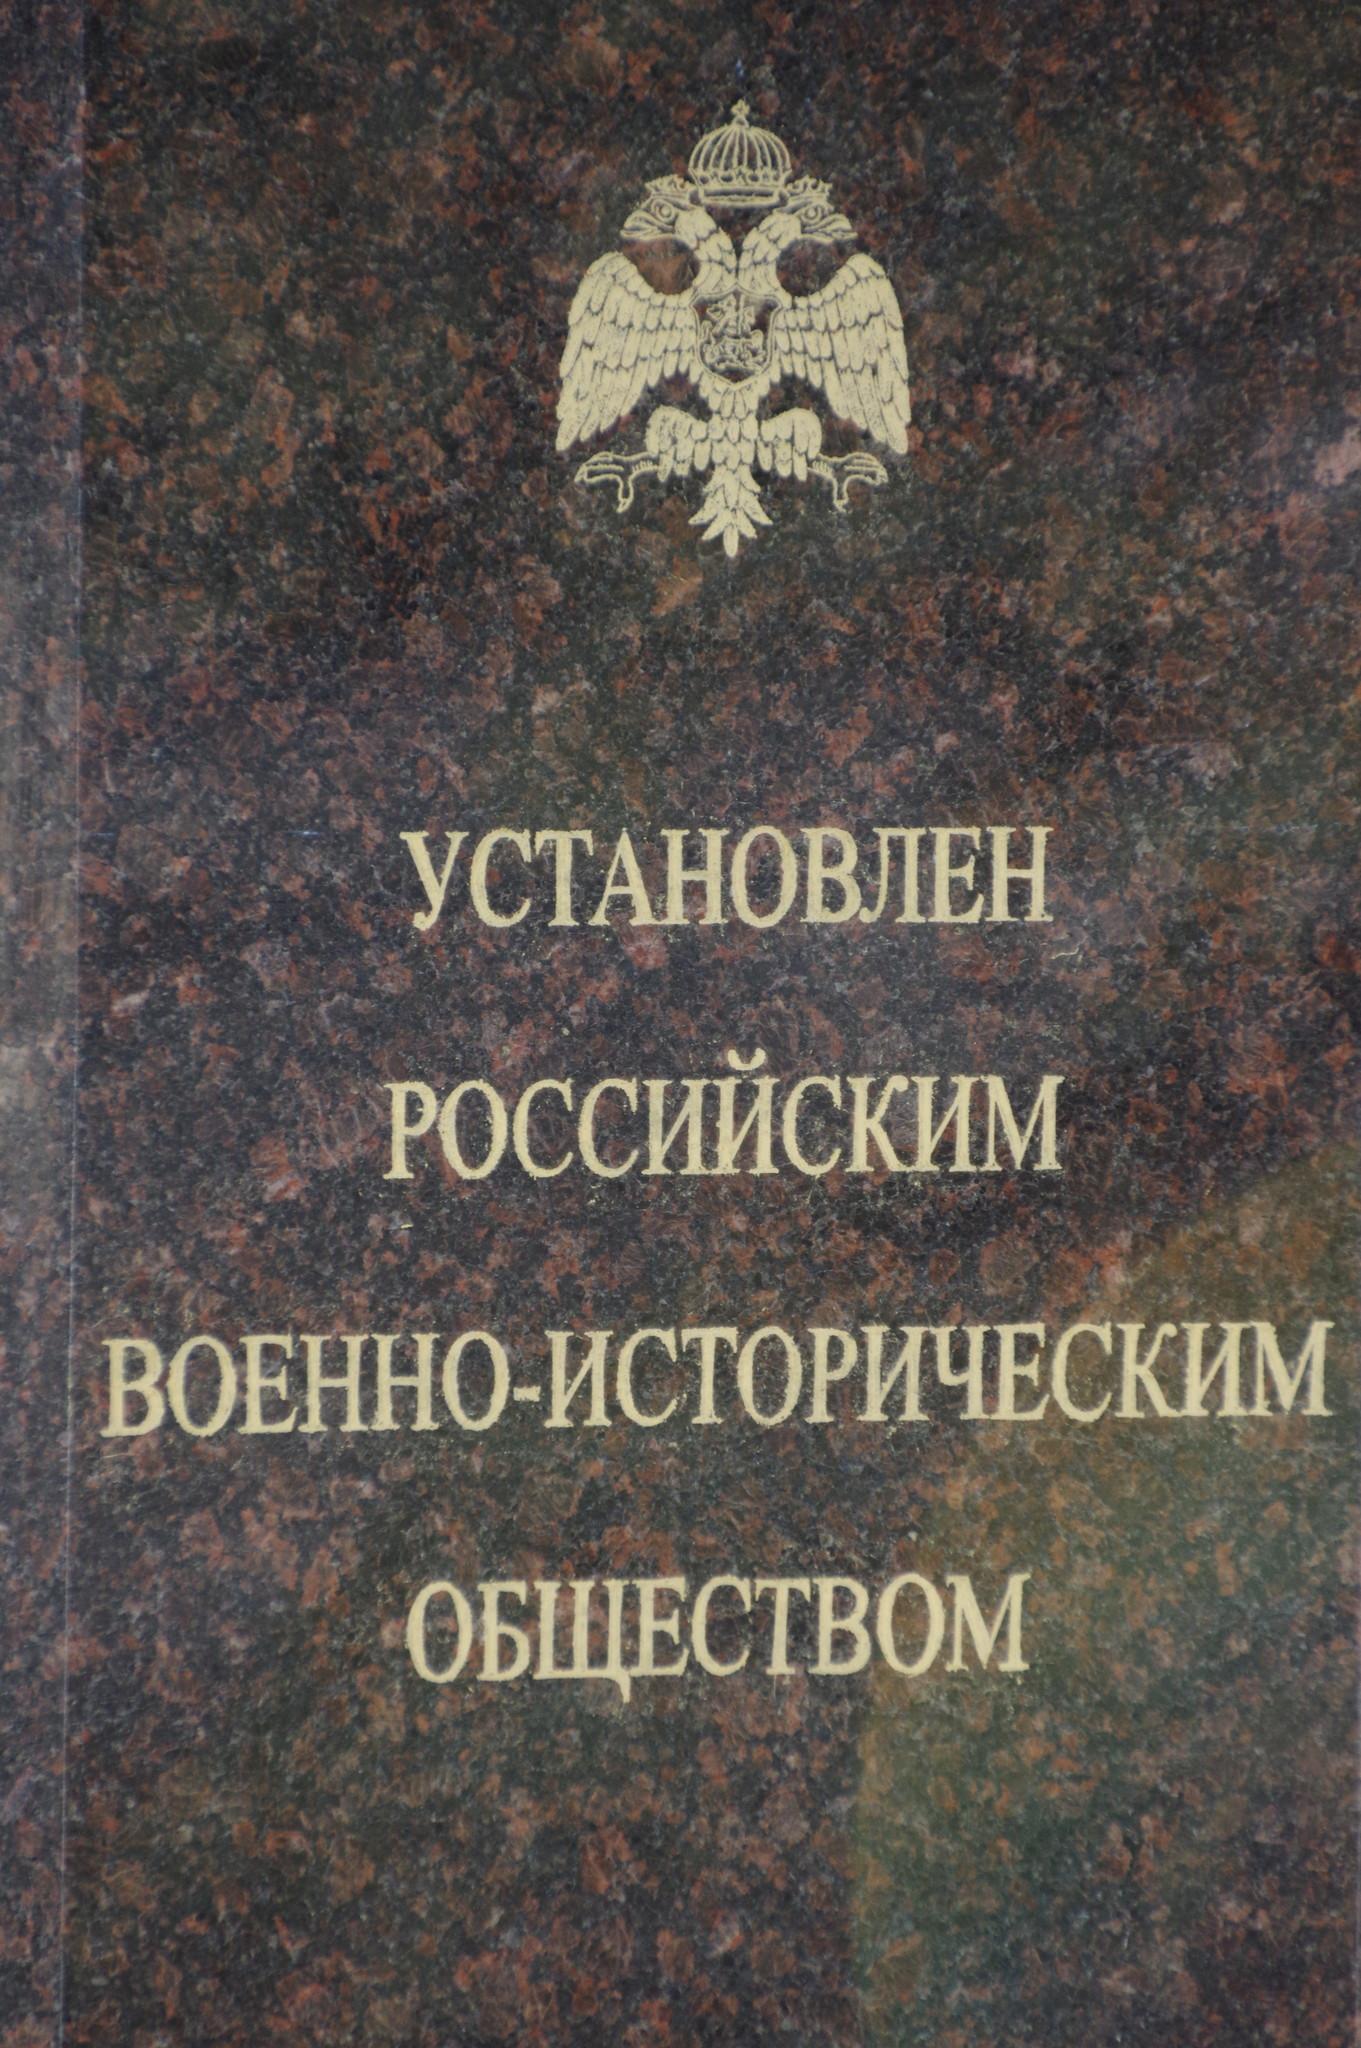 Памятник генералу армии Ивану Даниловичу Черняховскому в Москве